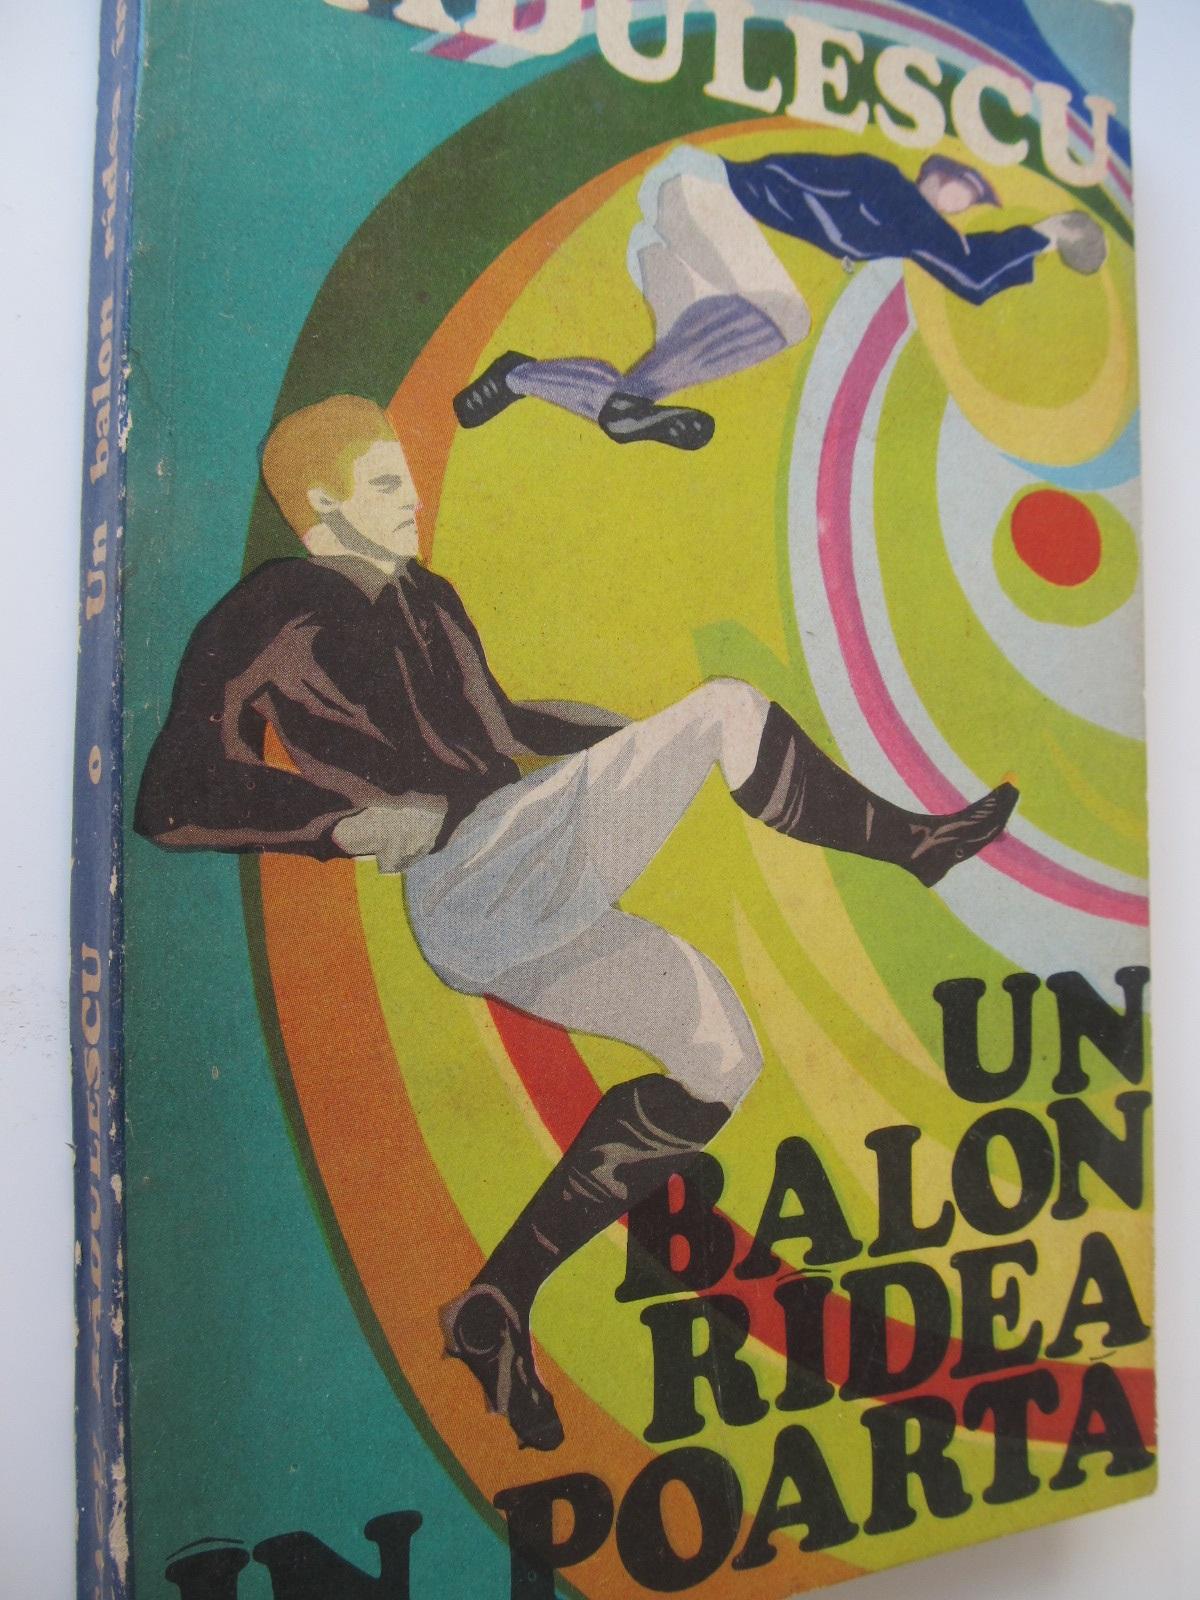 Un balon radea in poarta - Neagu Radulescu | Detalii carte